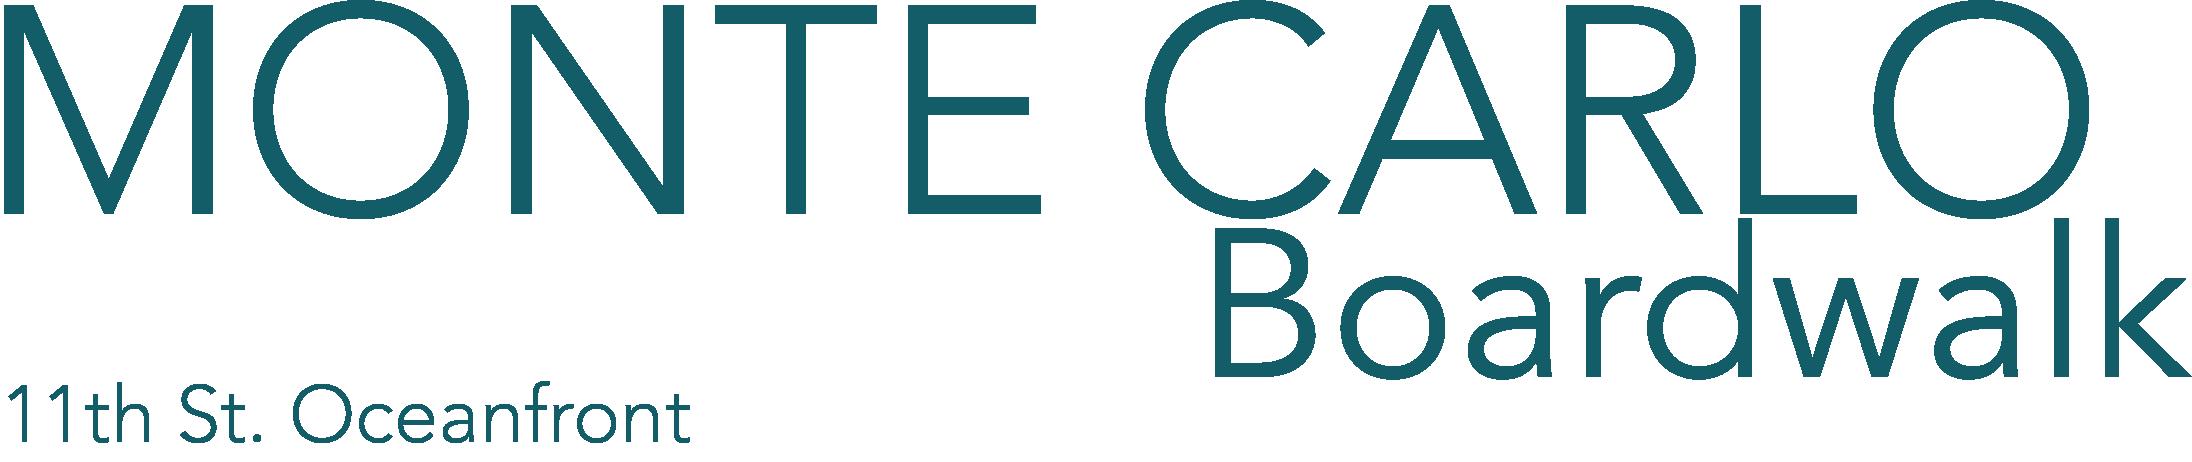 Logo for Monte Carlo Boardwalk